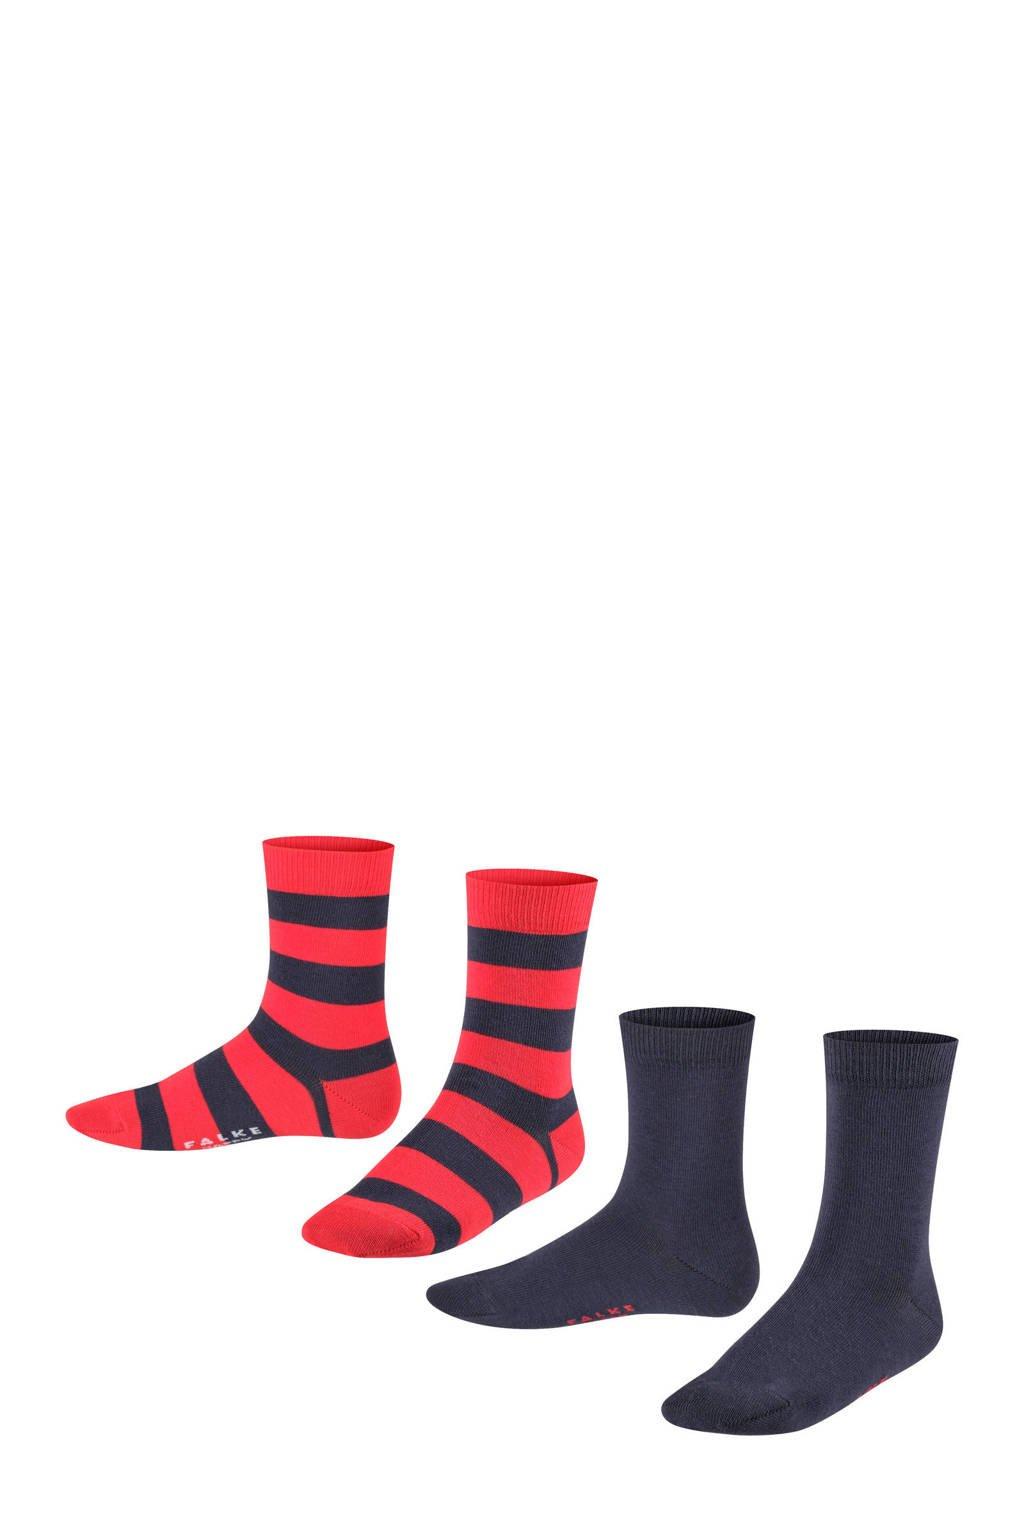 FALKE Happy Stripe sokken - set van 2 rood/donkerblauw (set van 2), Rood/donkerblauw